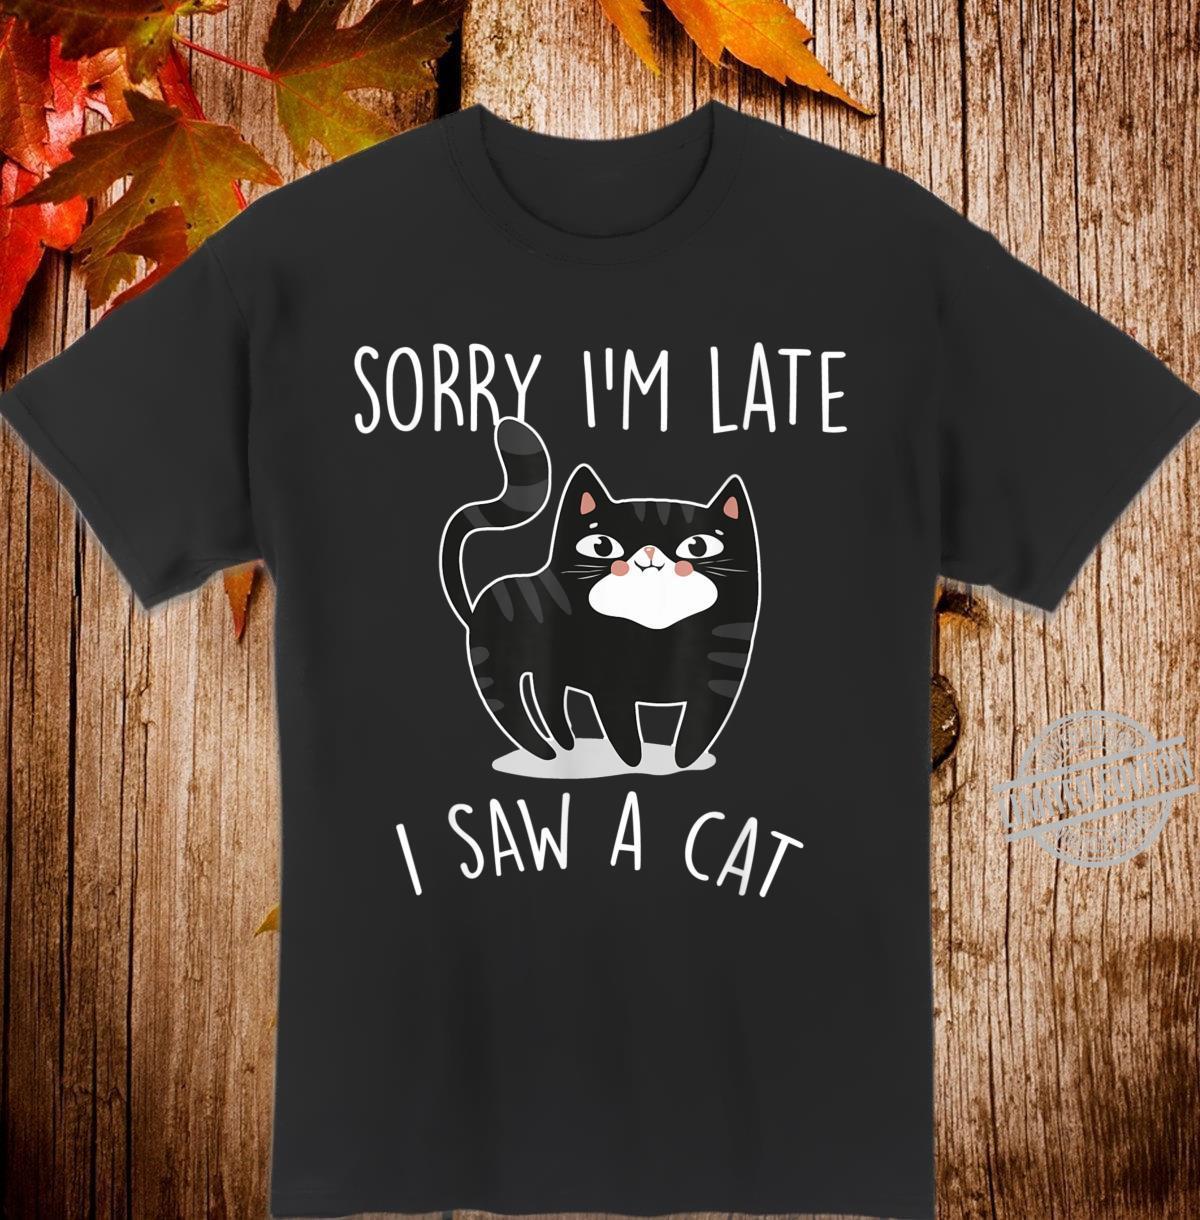 Entschuldigung im Spätstadium Ich habe eine Katze gesehen Shirt